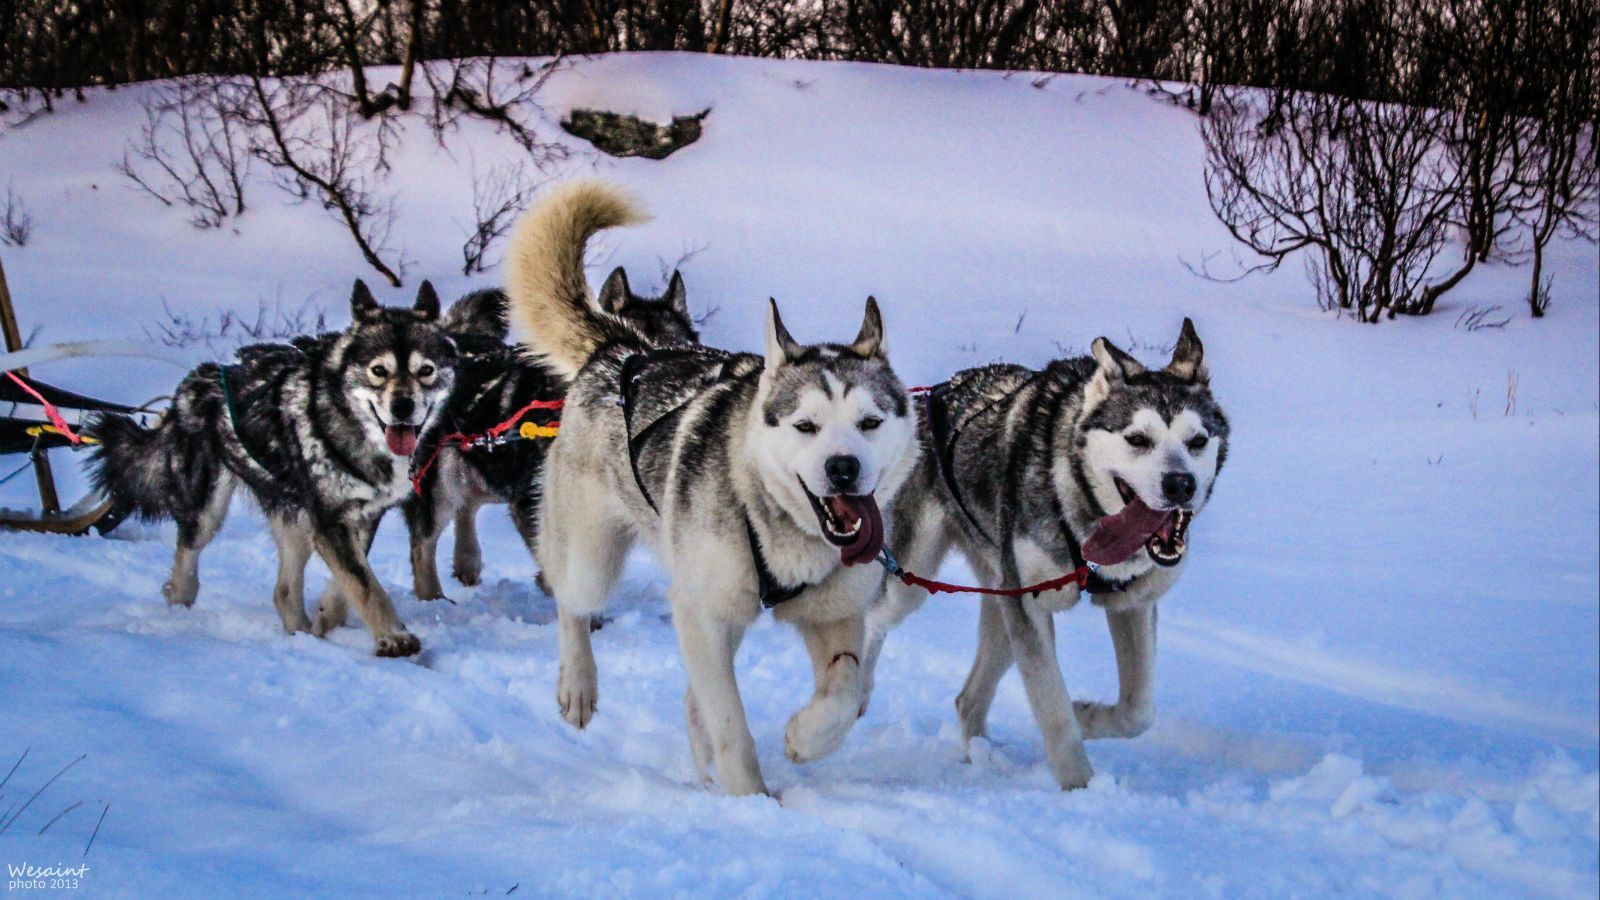 雪地里奔跑的动物